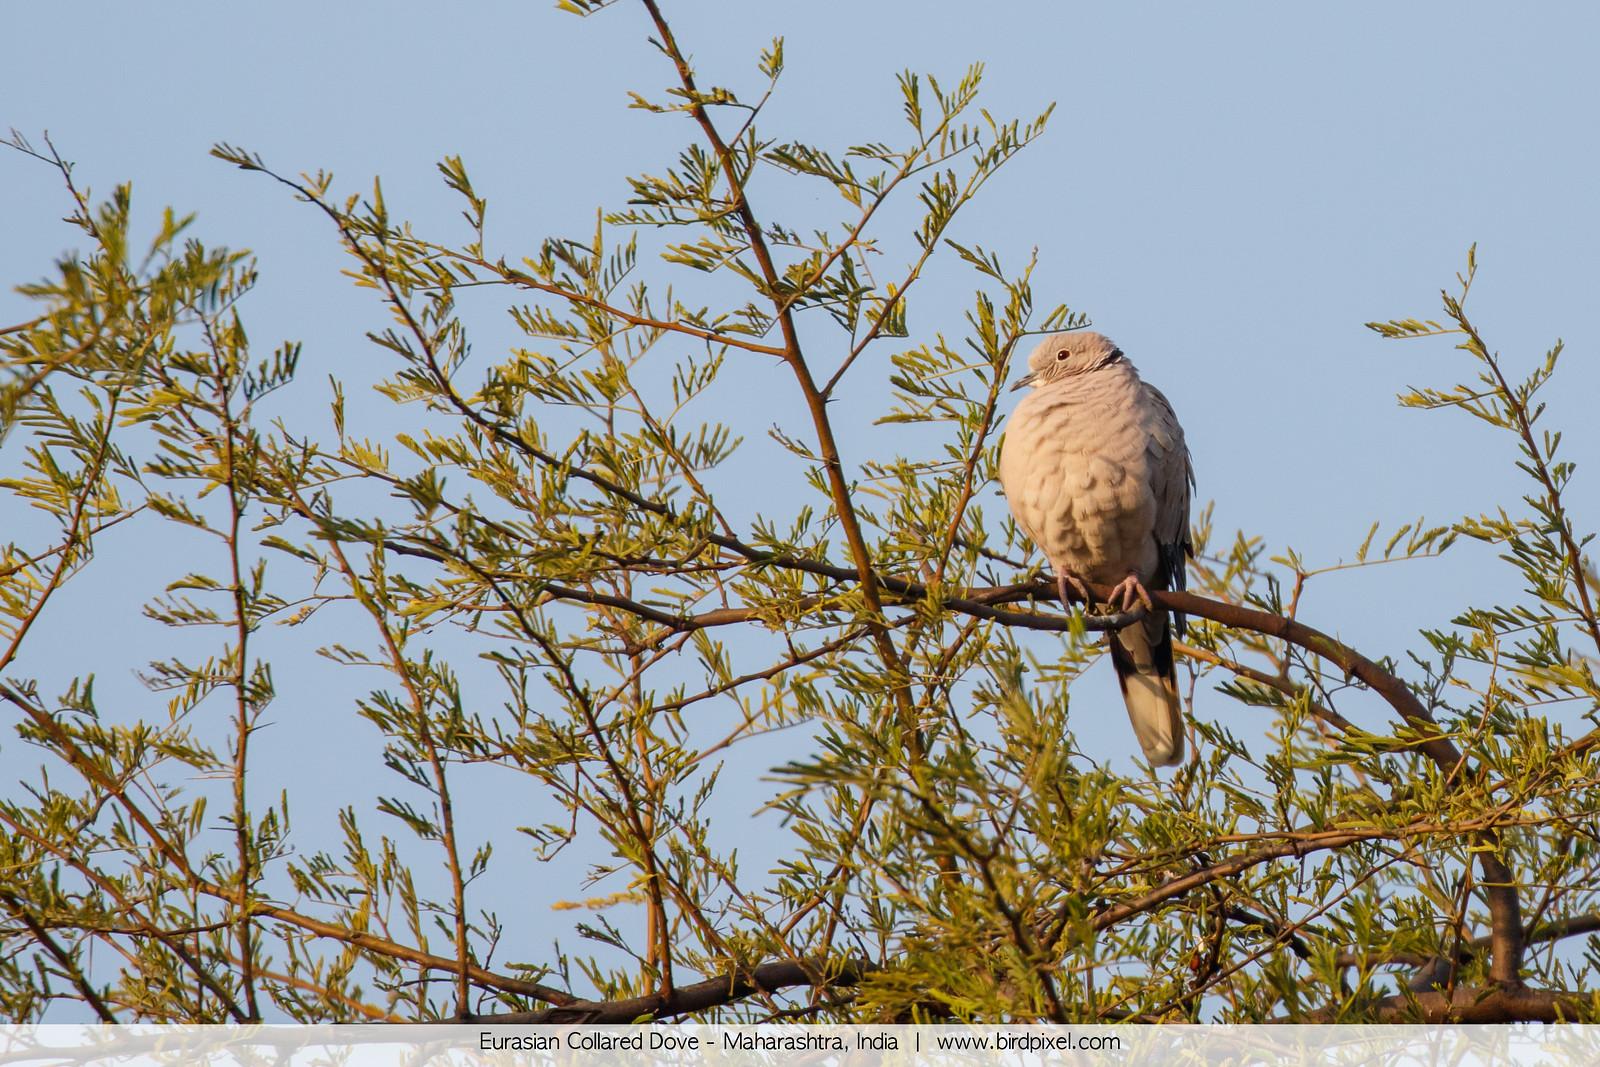 Eurasian Collared Dove - Maharashtra, India